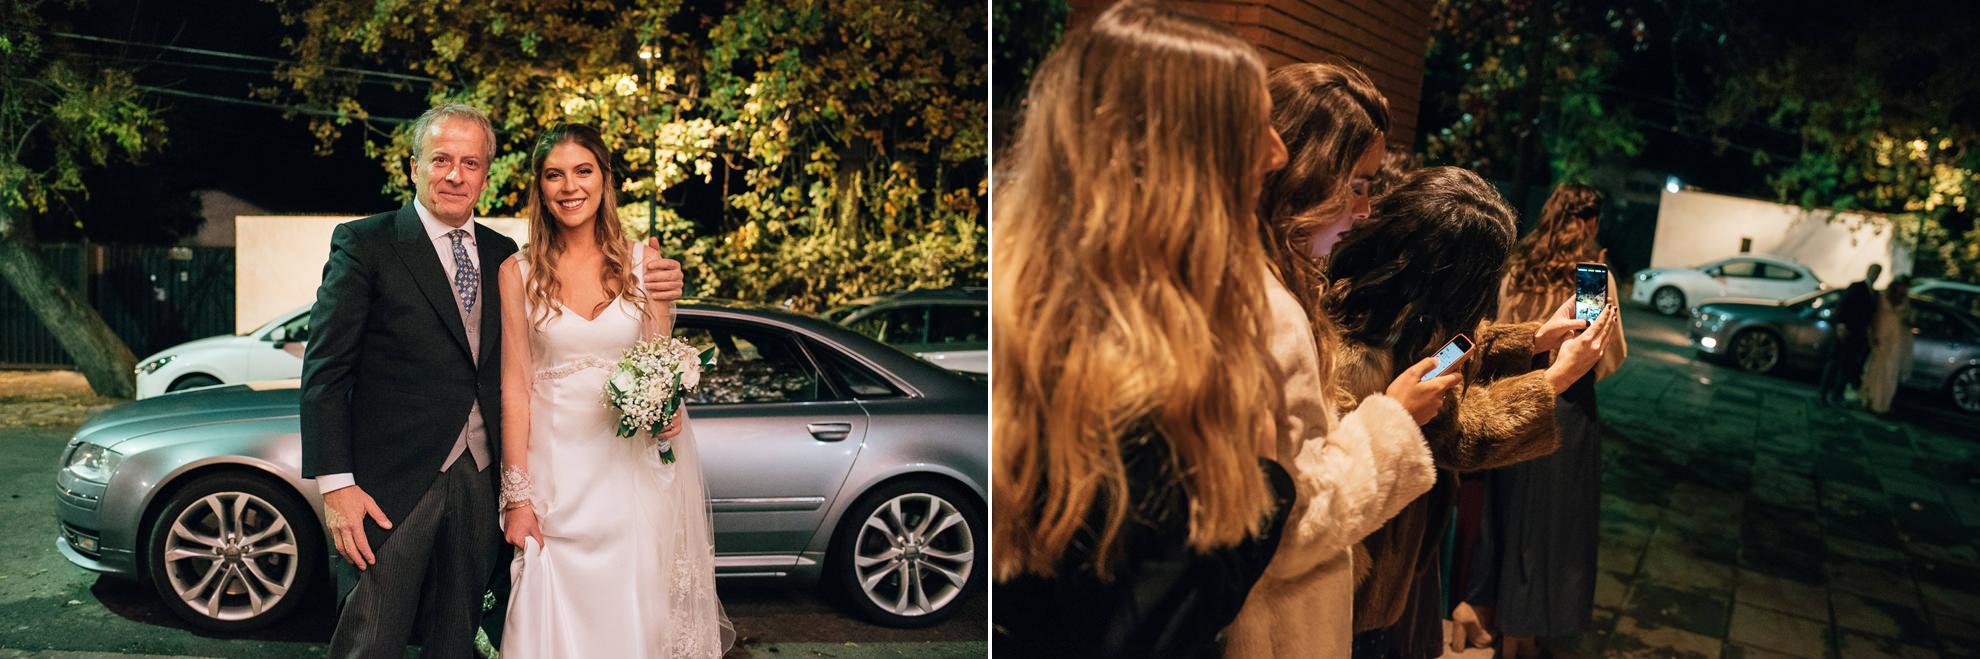 matrimonio viña santa carolina - 06.jpg